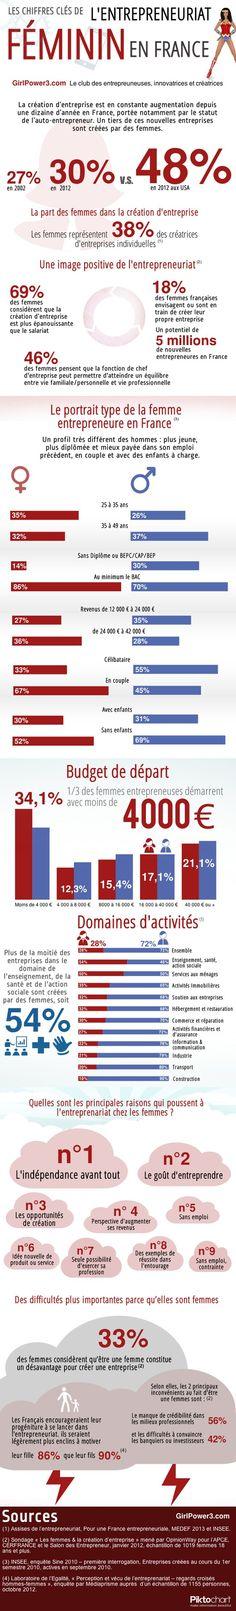 L'entrepreneuriat féminin en France via @GirlPower3